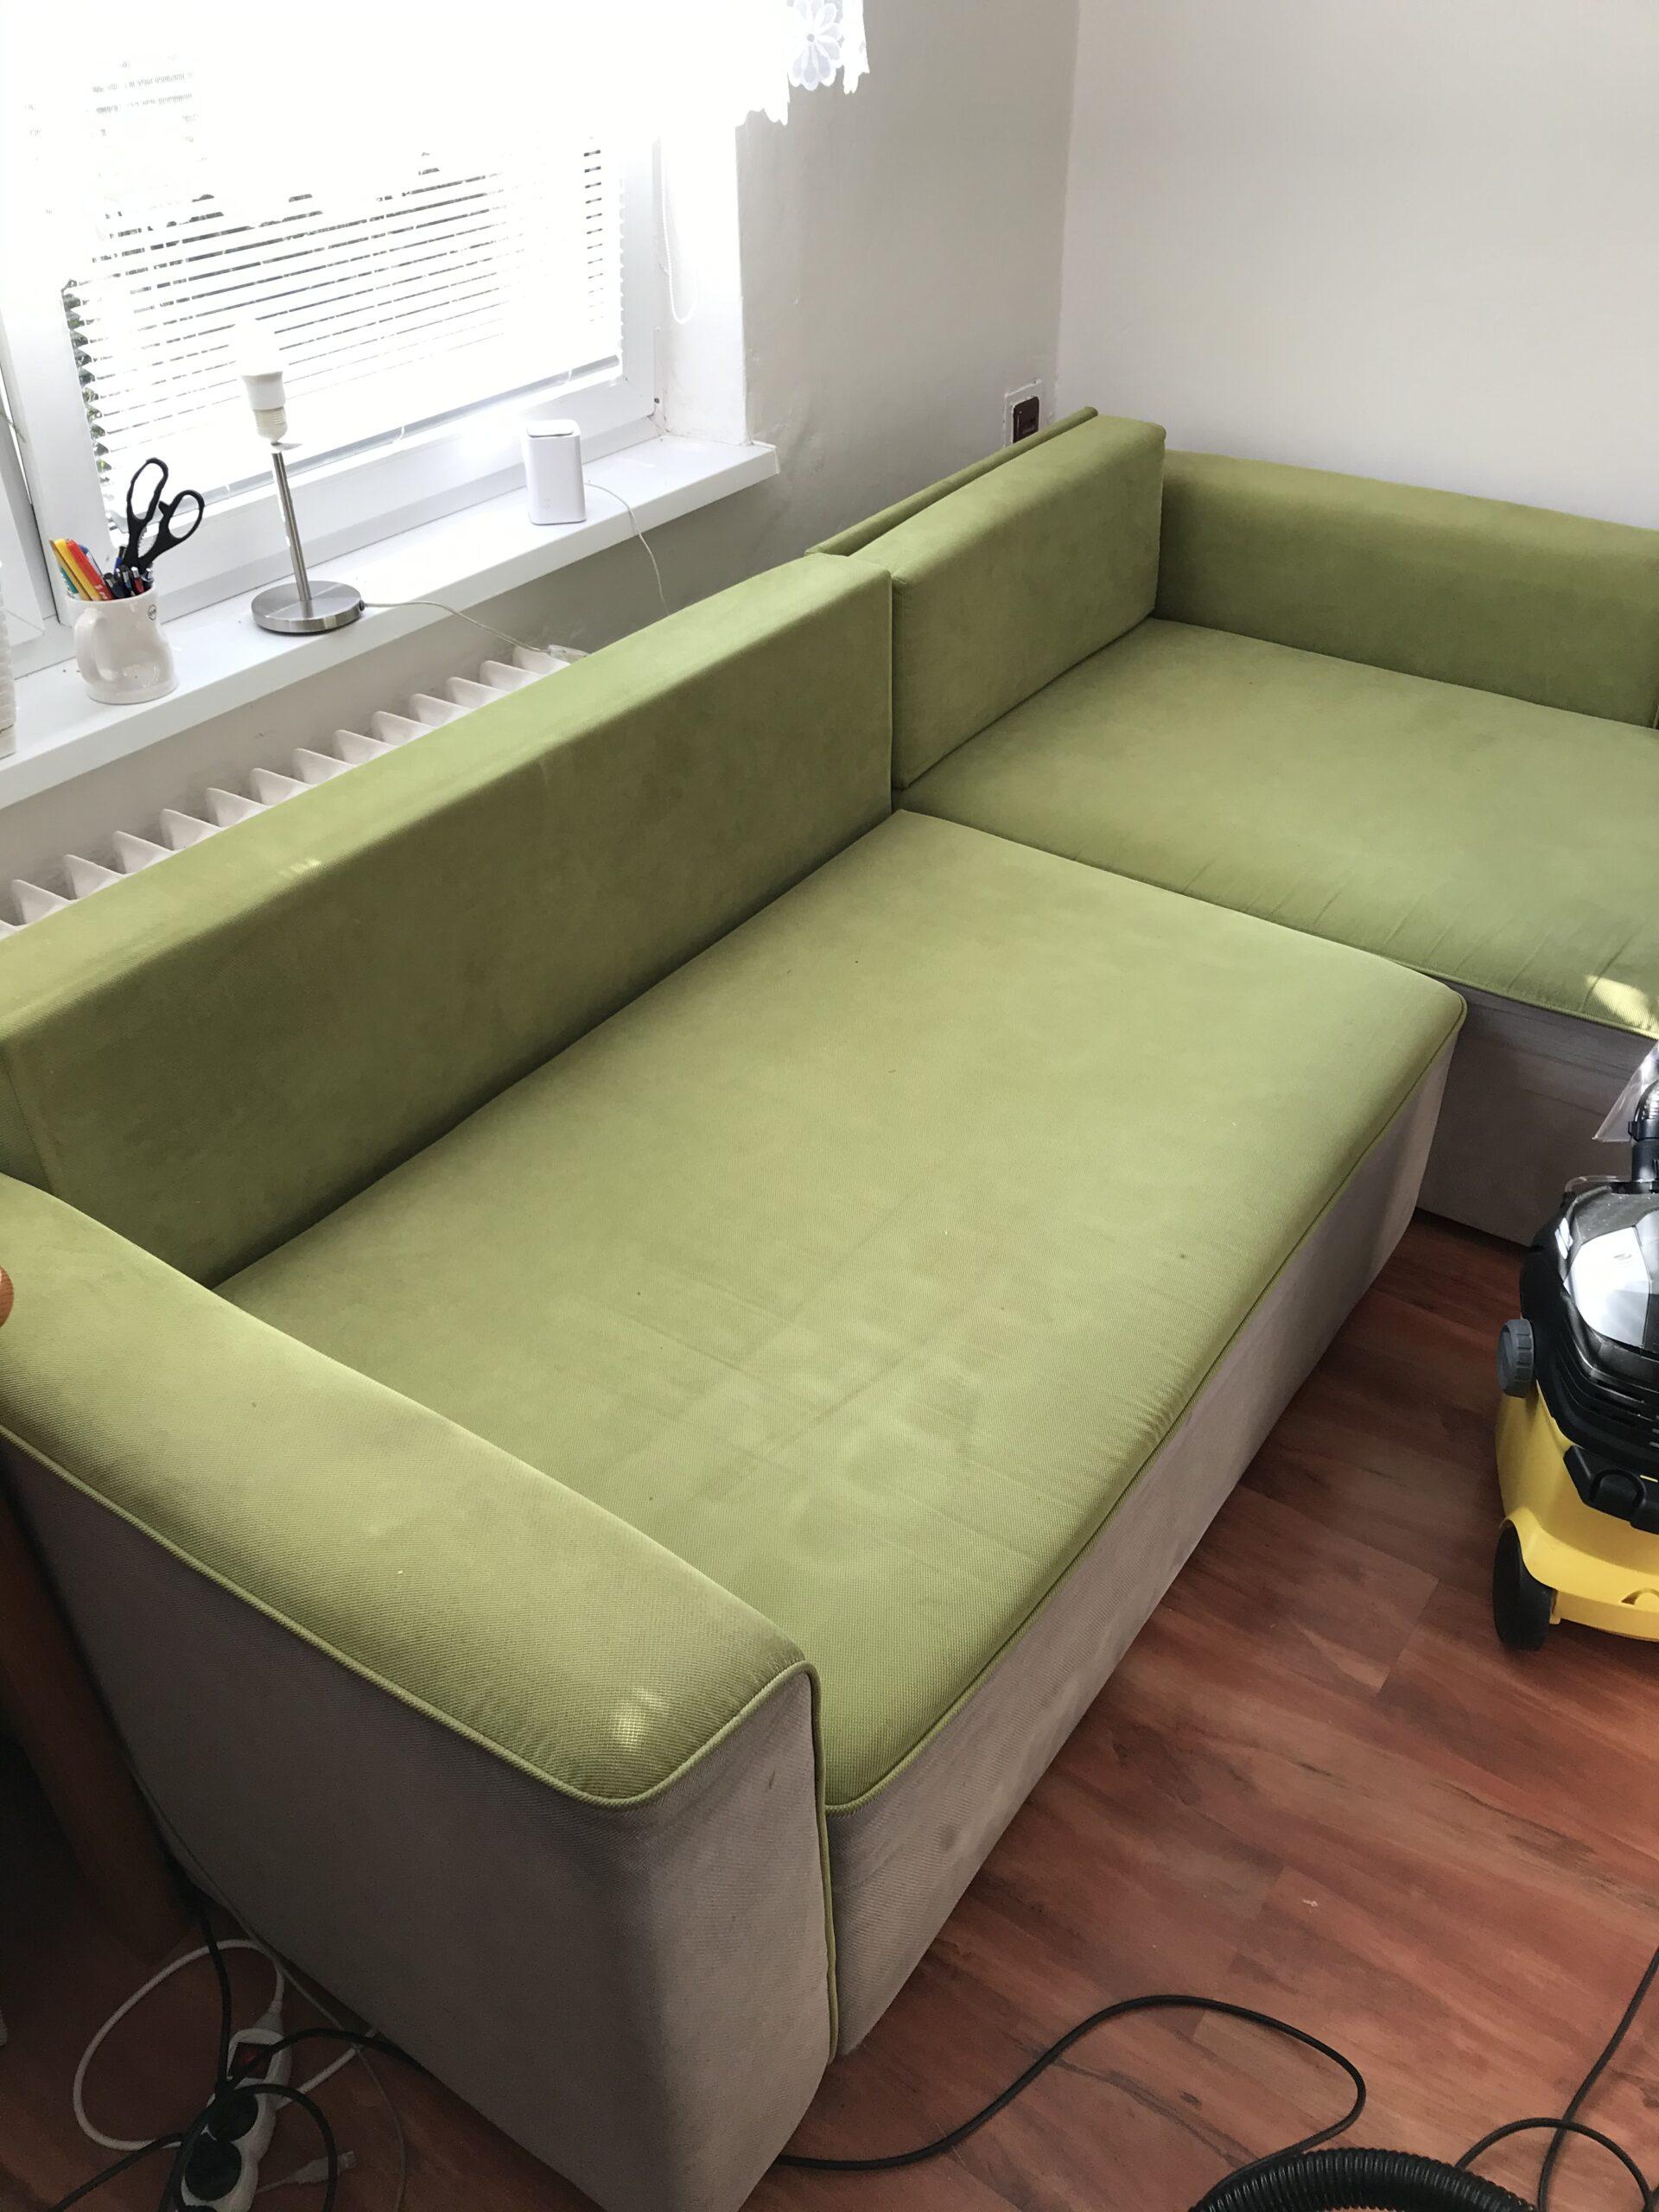 tepování sedačky vonave bydleni